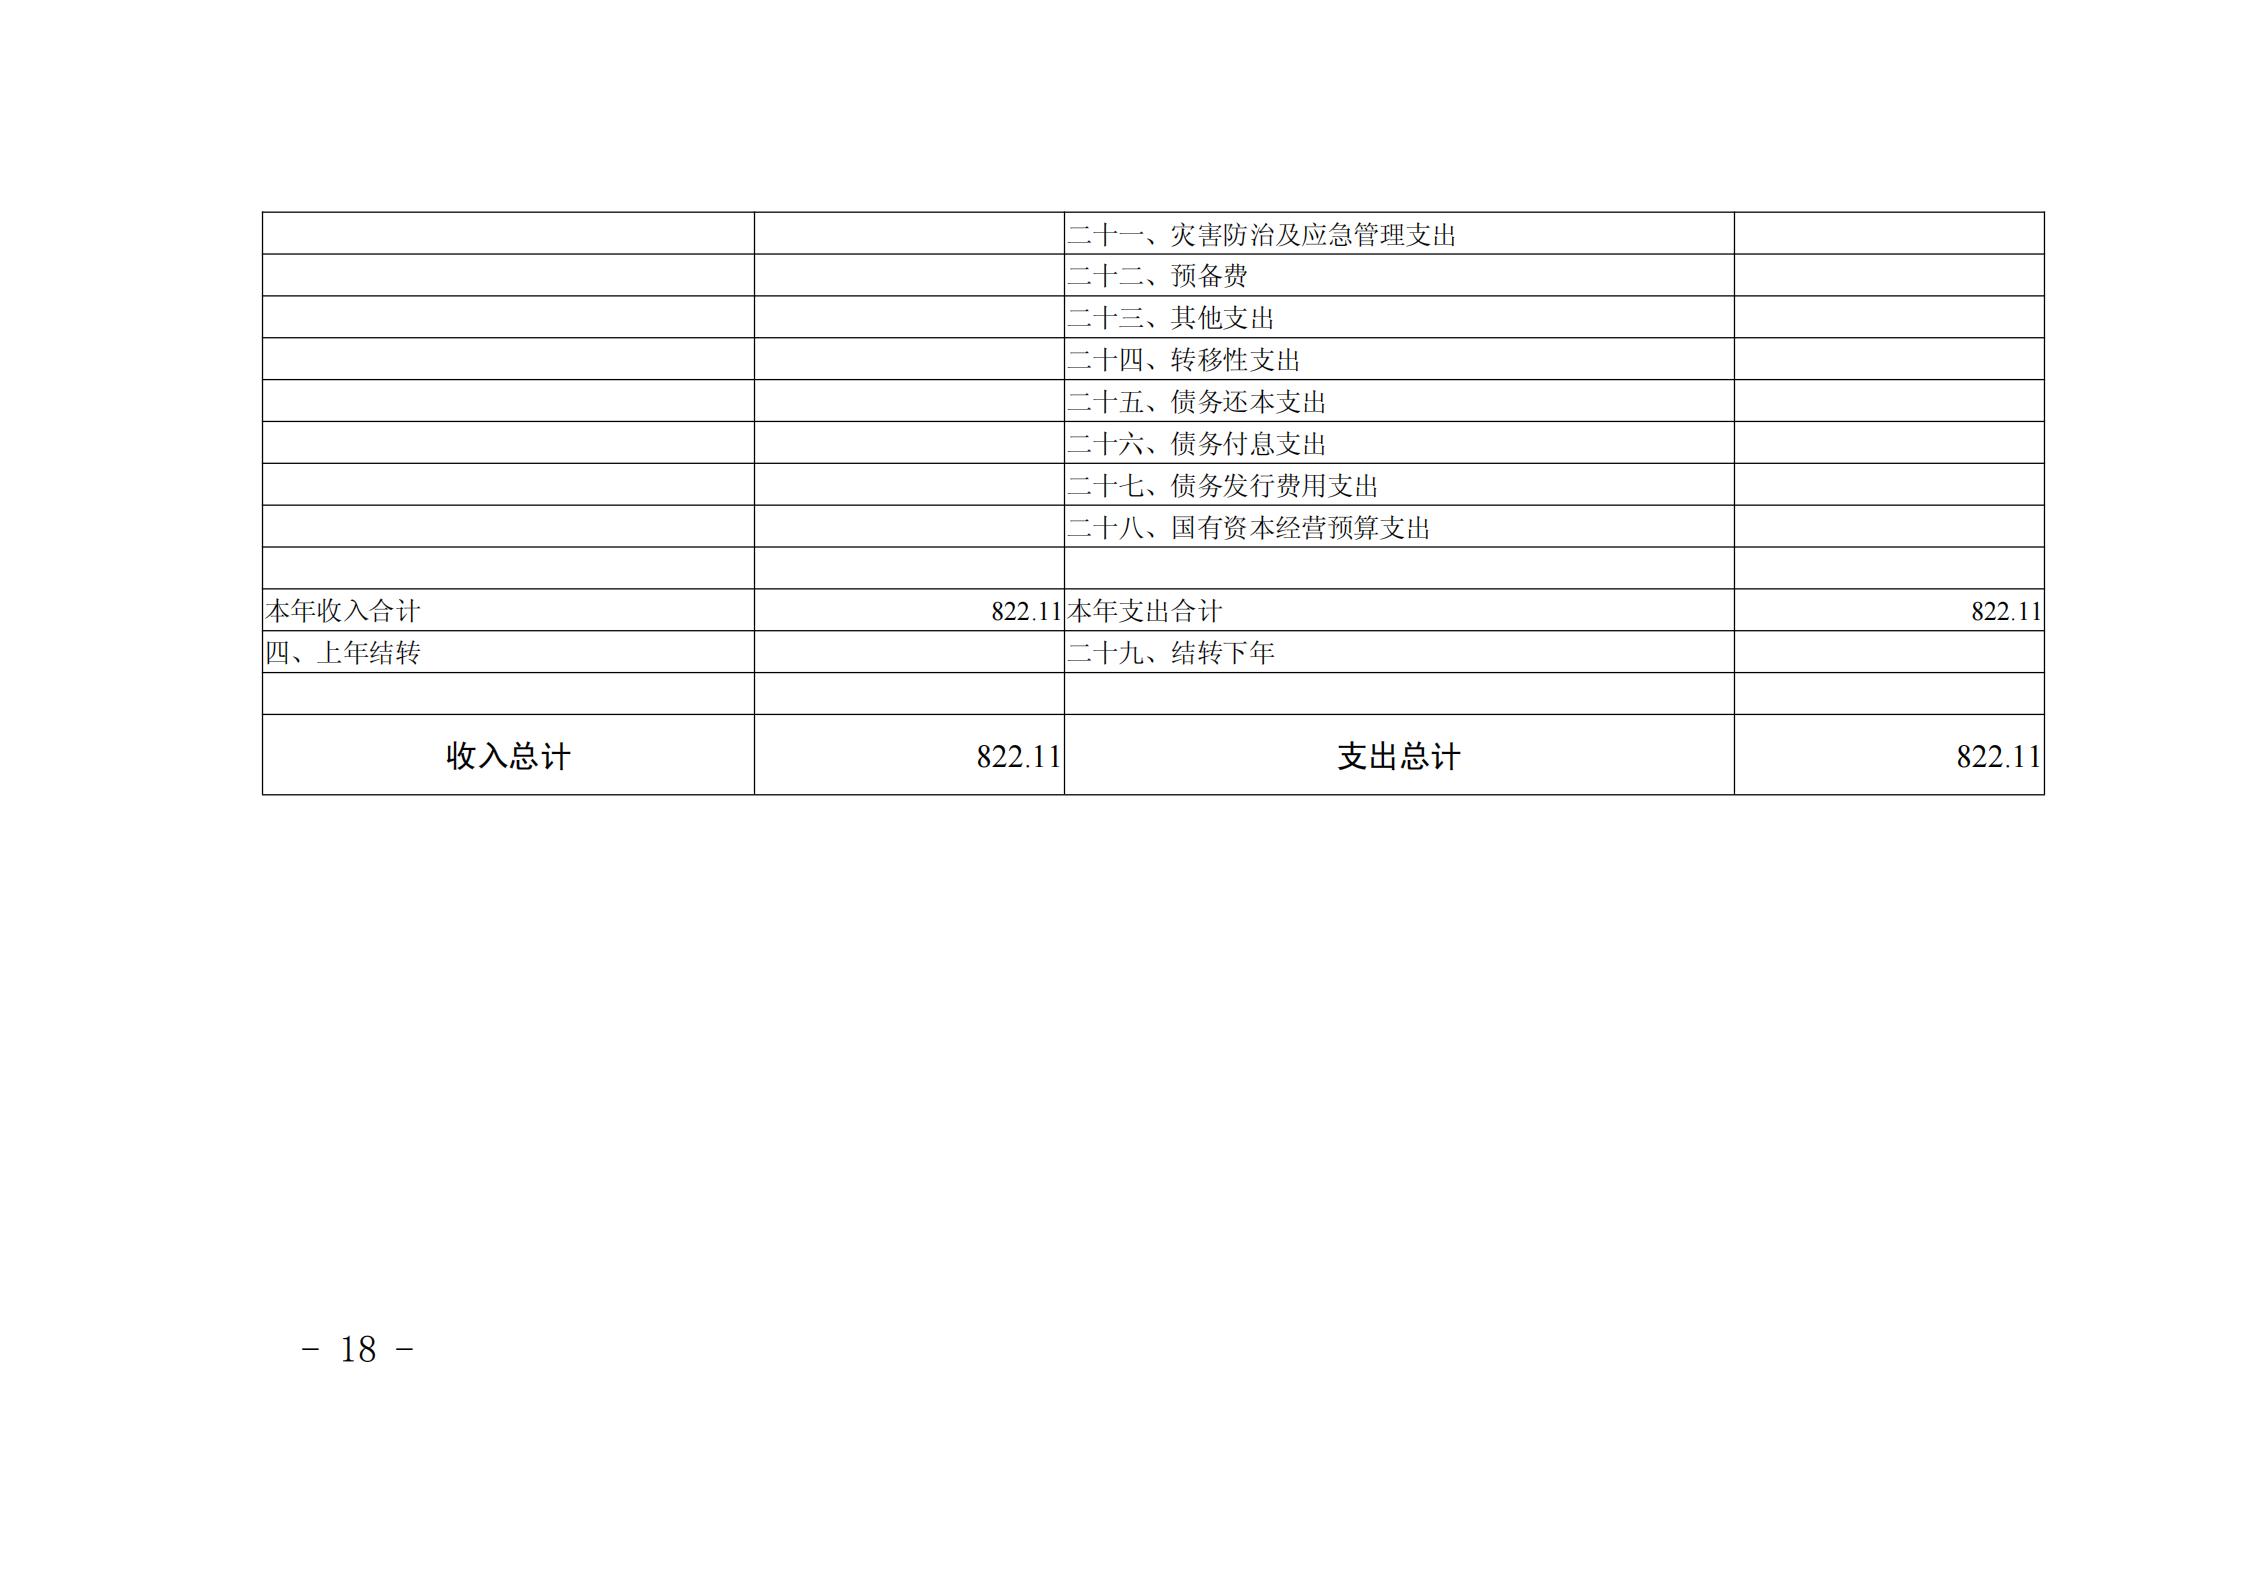 """贵阳市青少年宫2021年度市级部门预算、""""三公""""经费预算公开说明_17.png"""